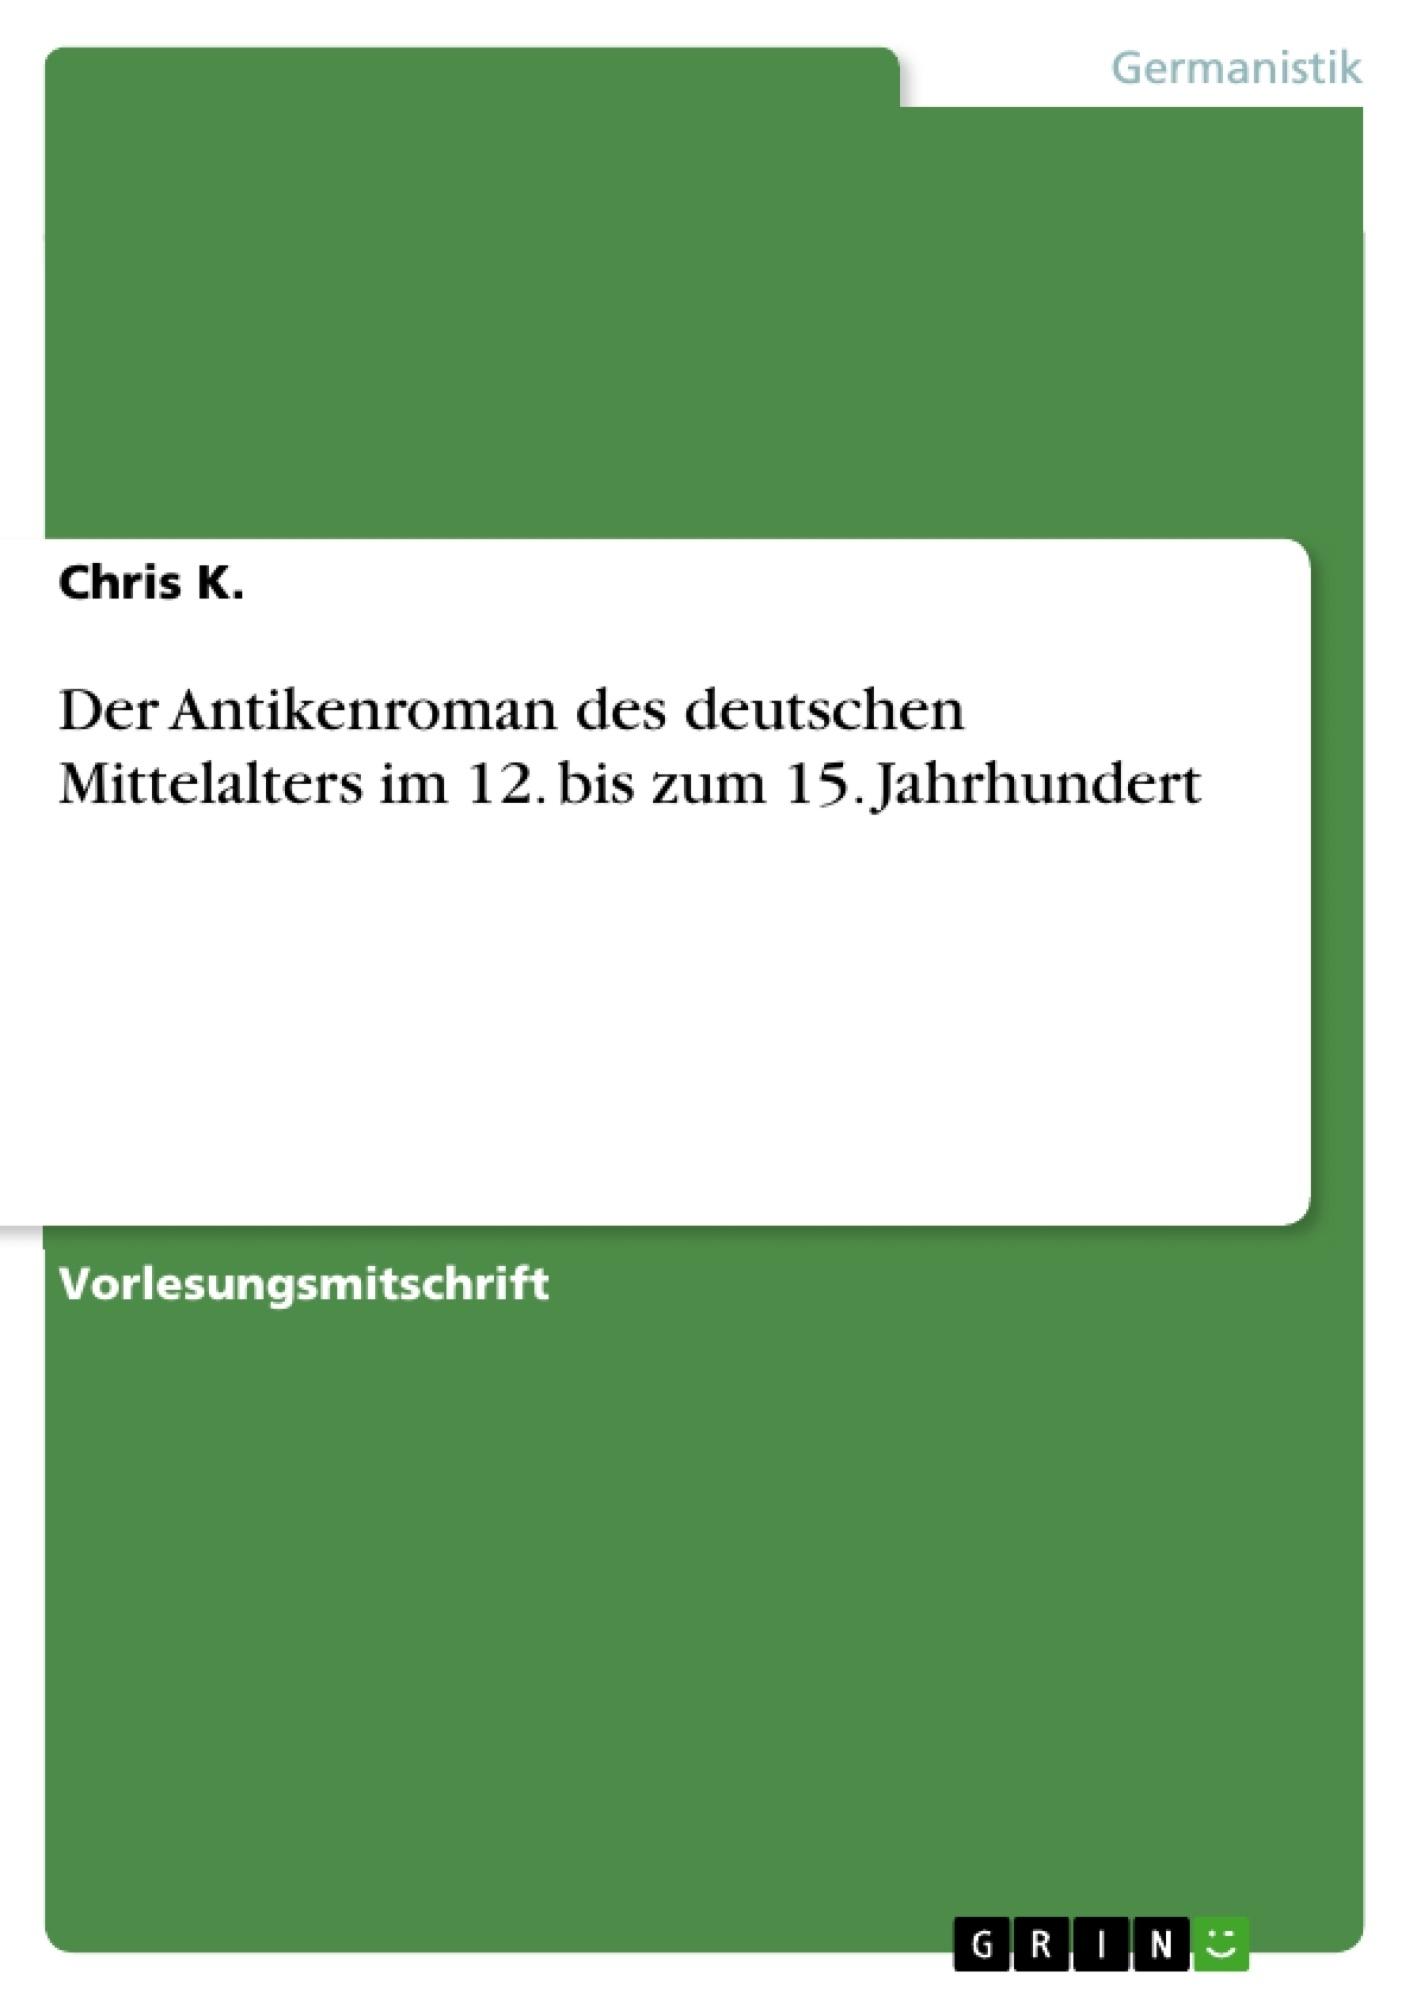 Titel: Der Antikenroman des deutschen Mittelalters im 12. bis zum 15. Jahrhundert